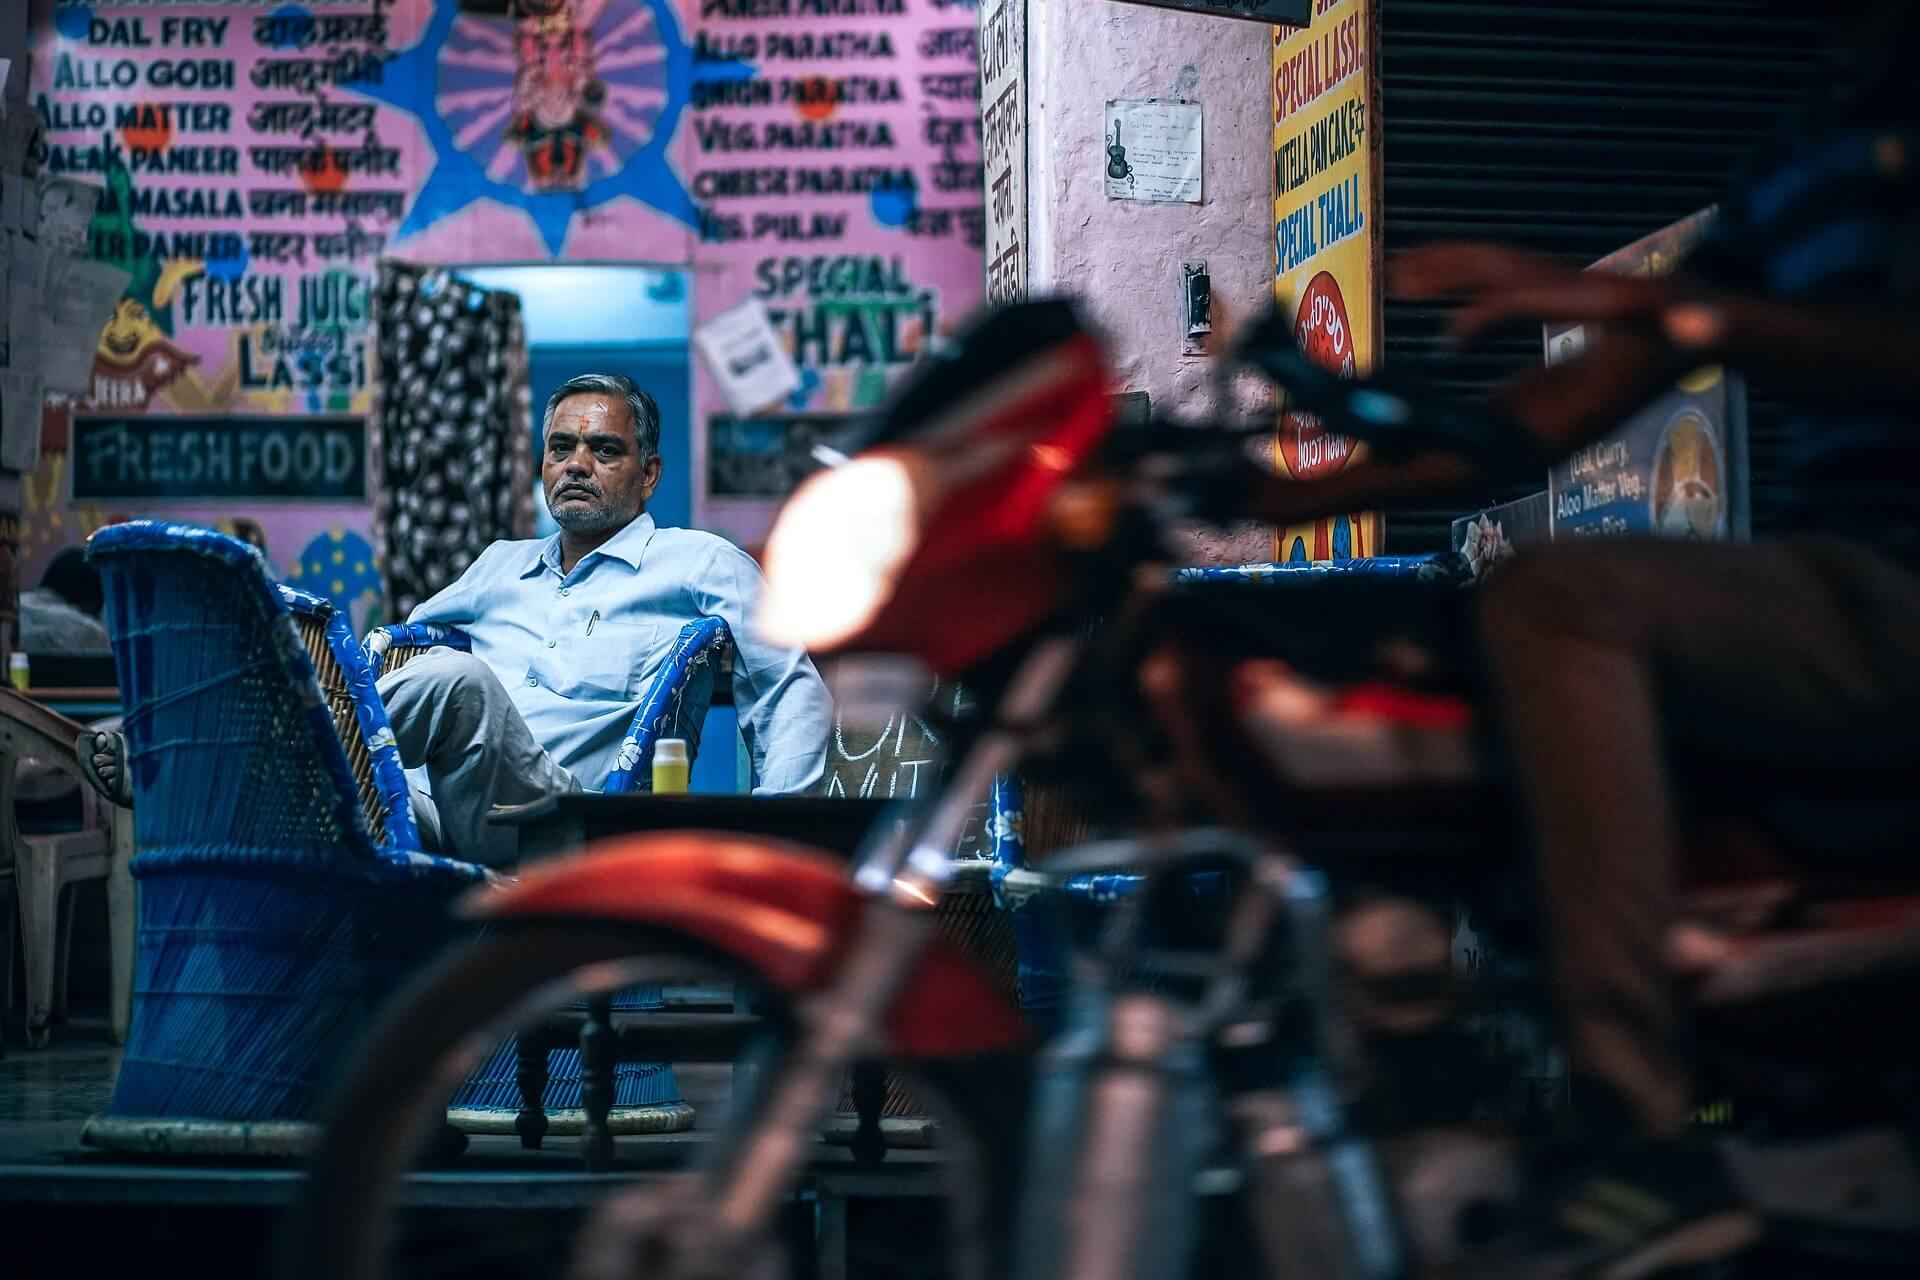 【2020年版】インド経済の最新状況 | 景気低迷の要因は冷え込む国内消費?